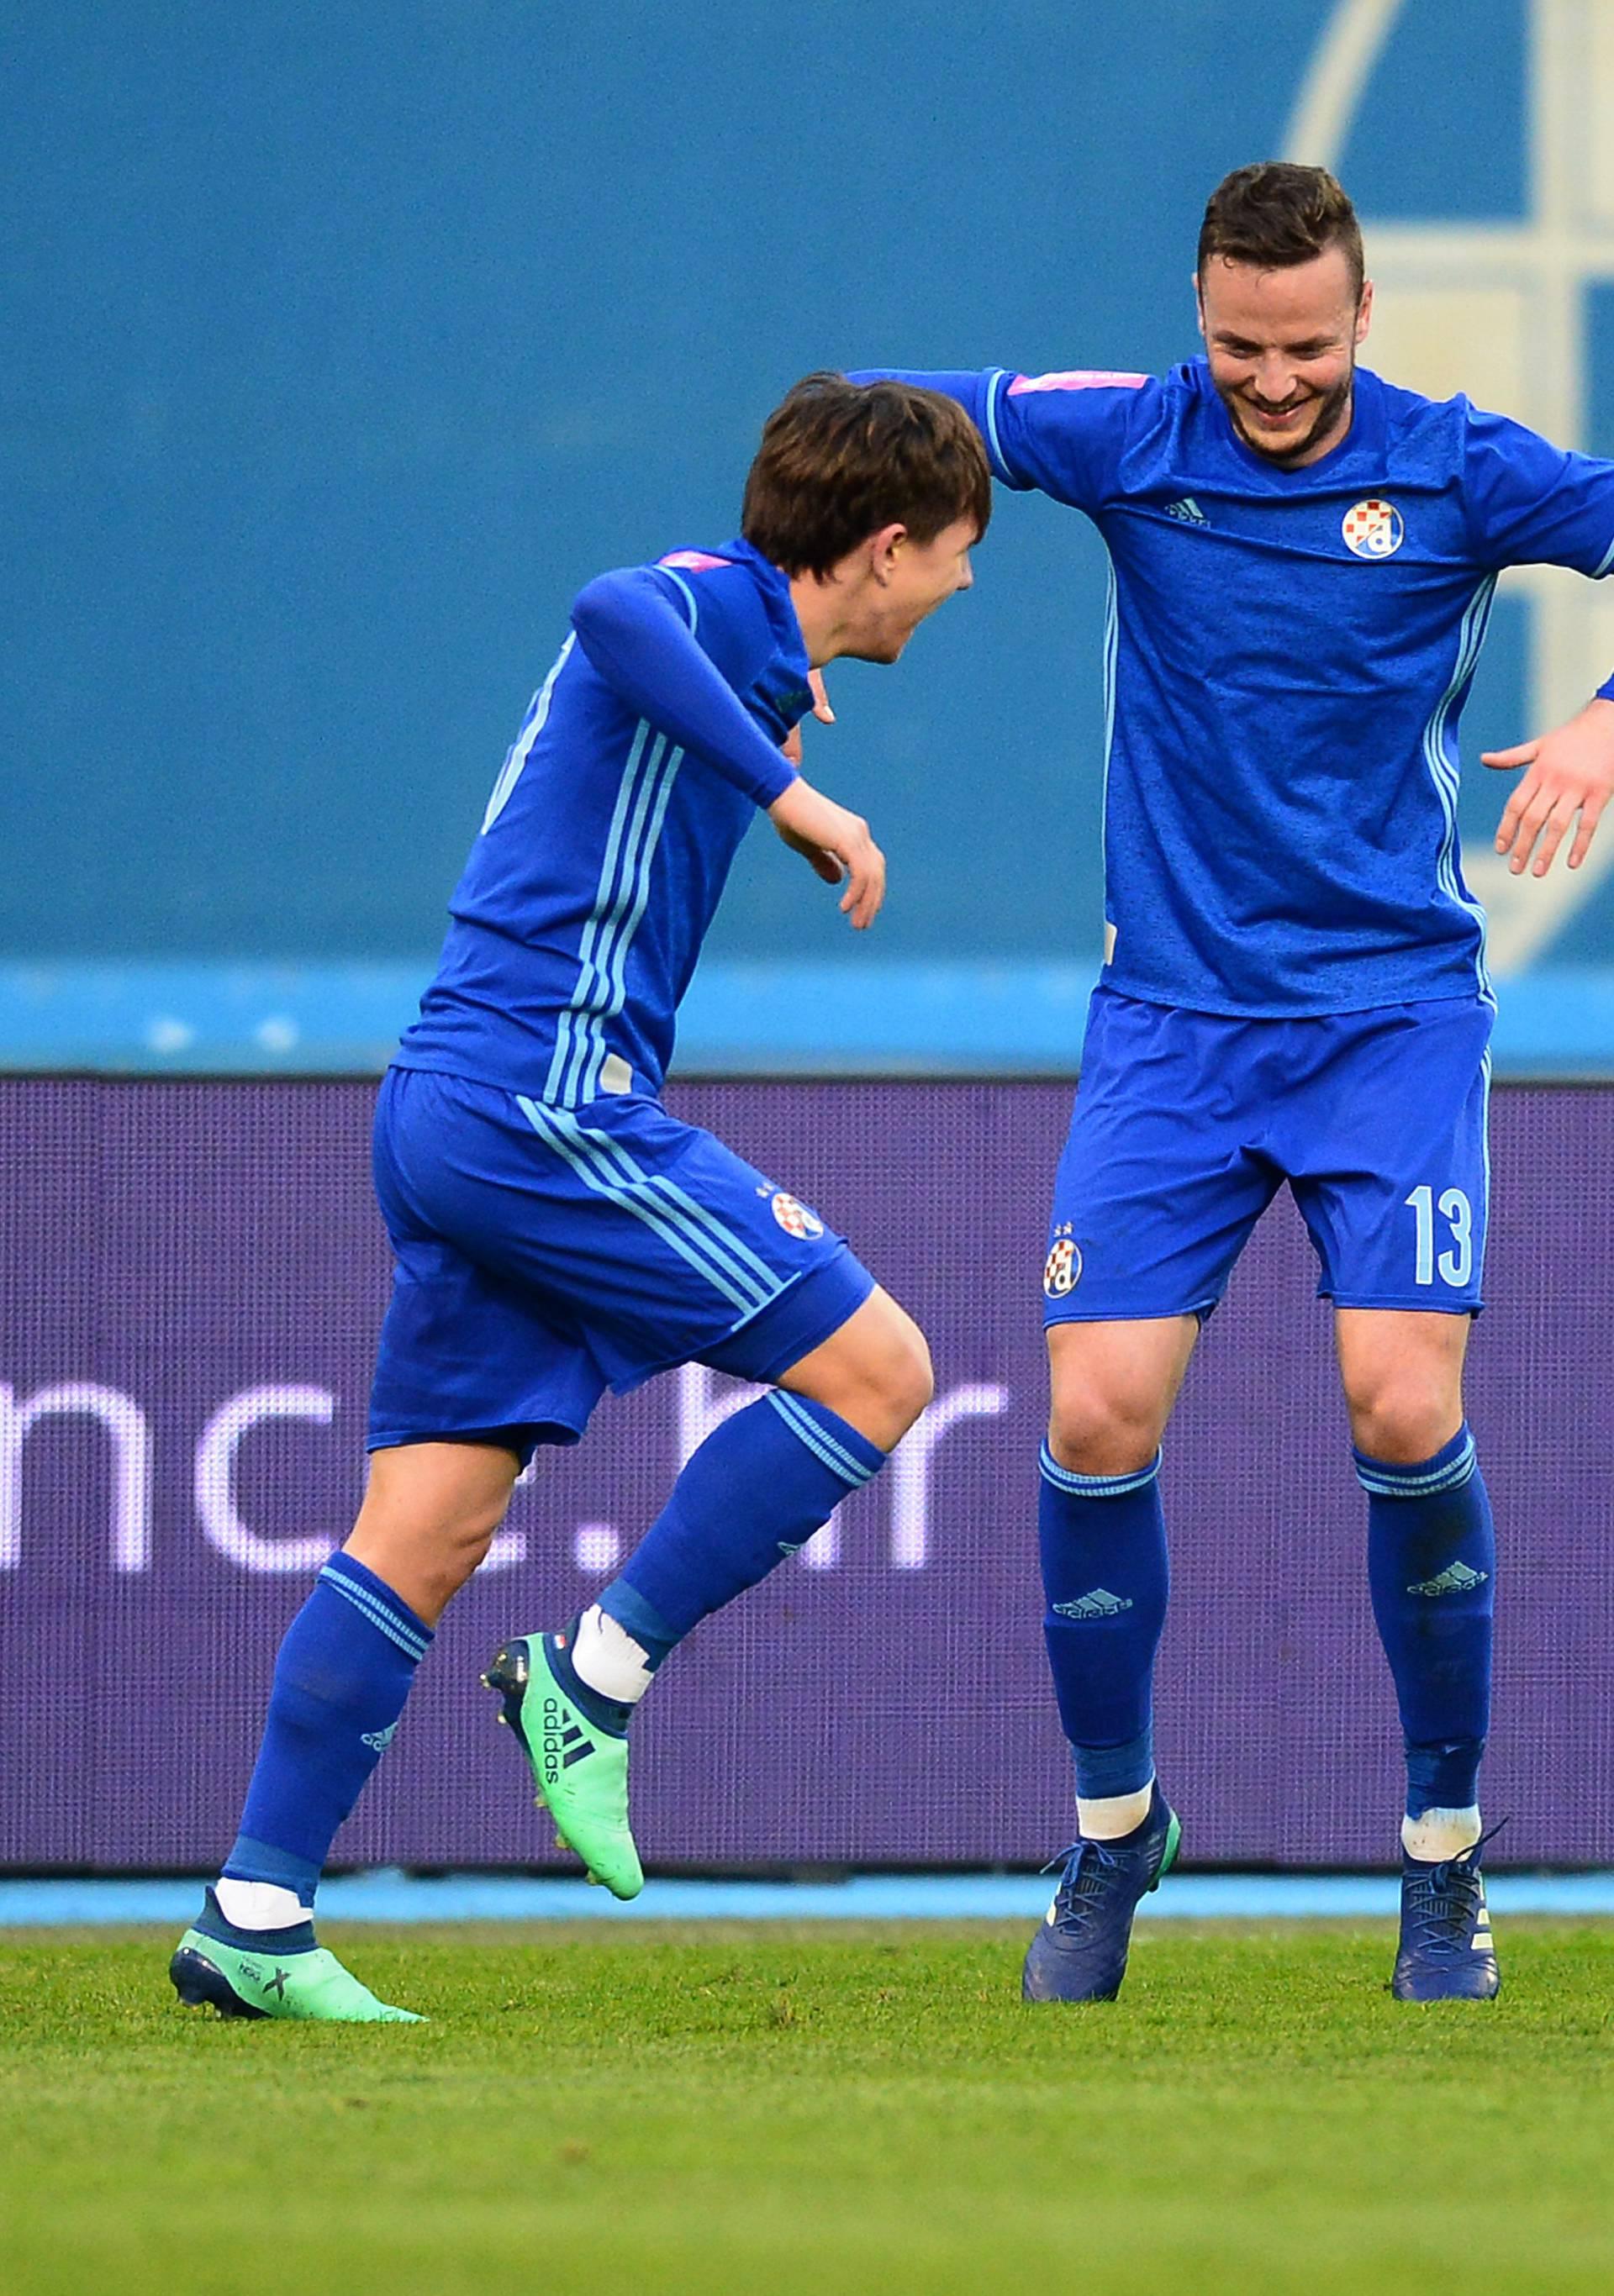 Dinamovci su gol protiv Rijeke proslavili plesom iz videoigre...